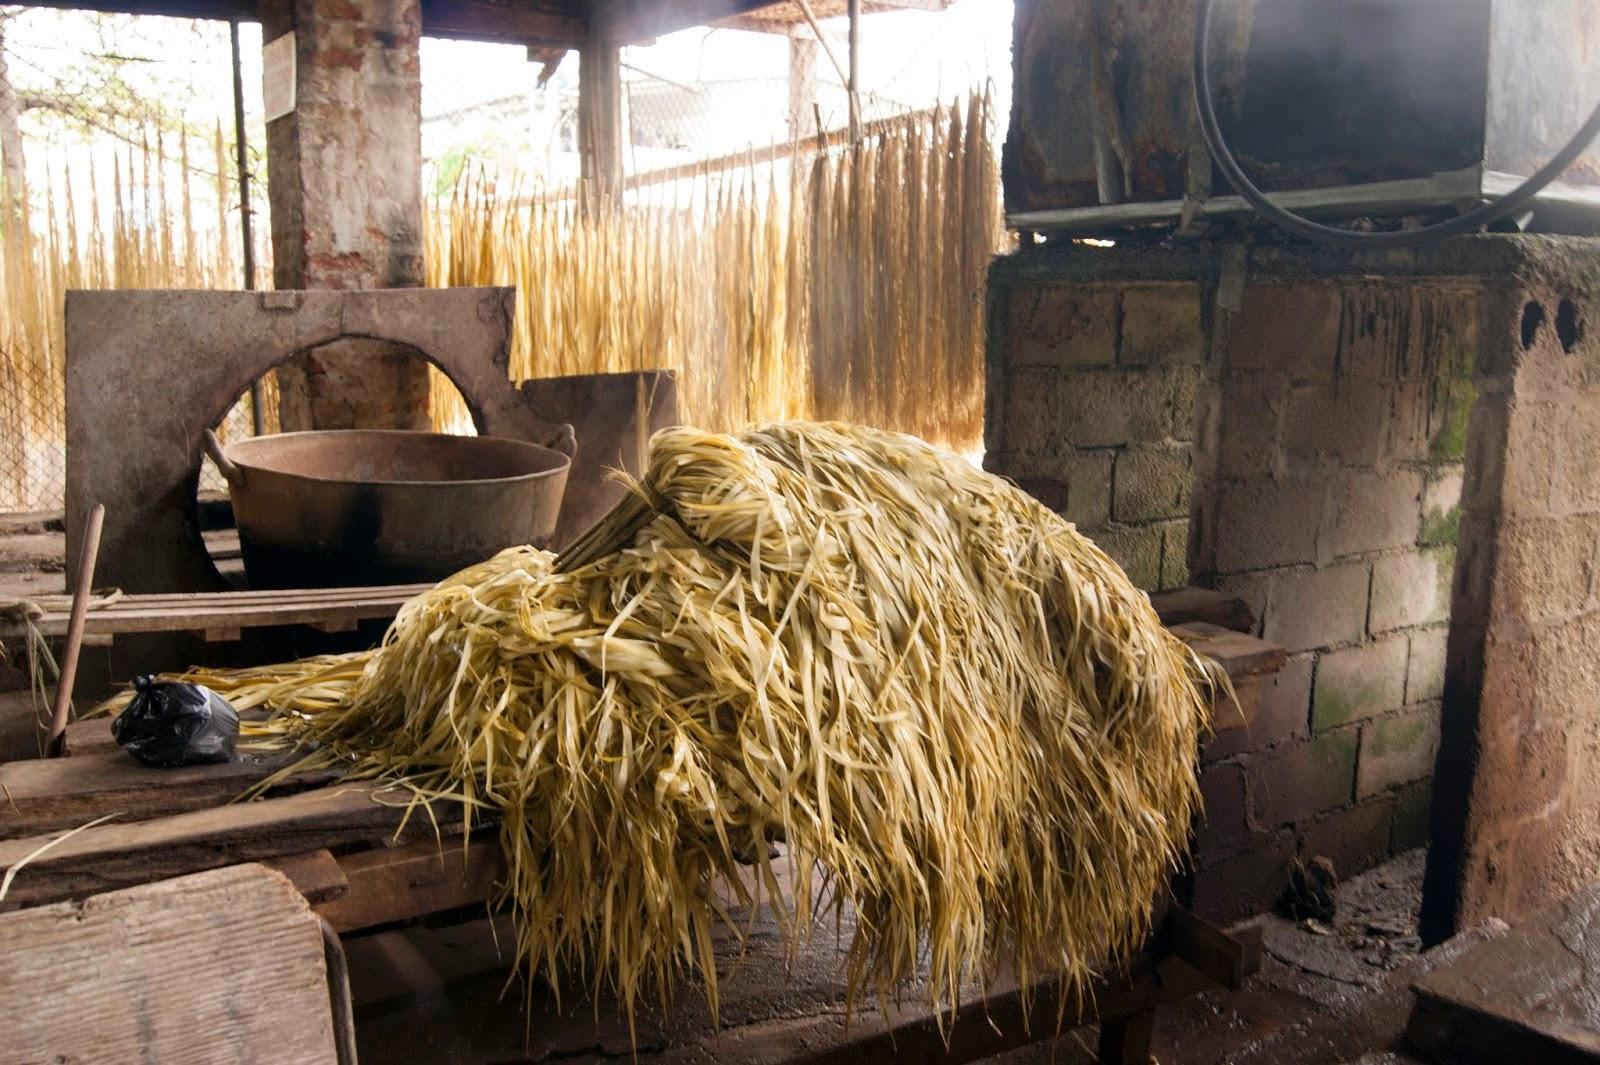 Quizás por ello no sea de extrañar que la Unesco reconociera finales del  2012 al tejido tradicional del sombrero de paja toquilla como Patrimonio  Cultural ... ab8d2d97e65